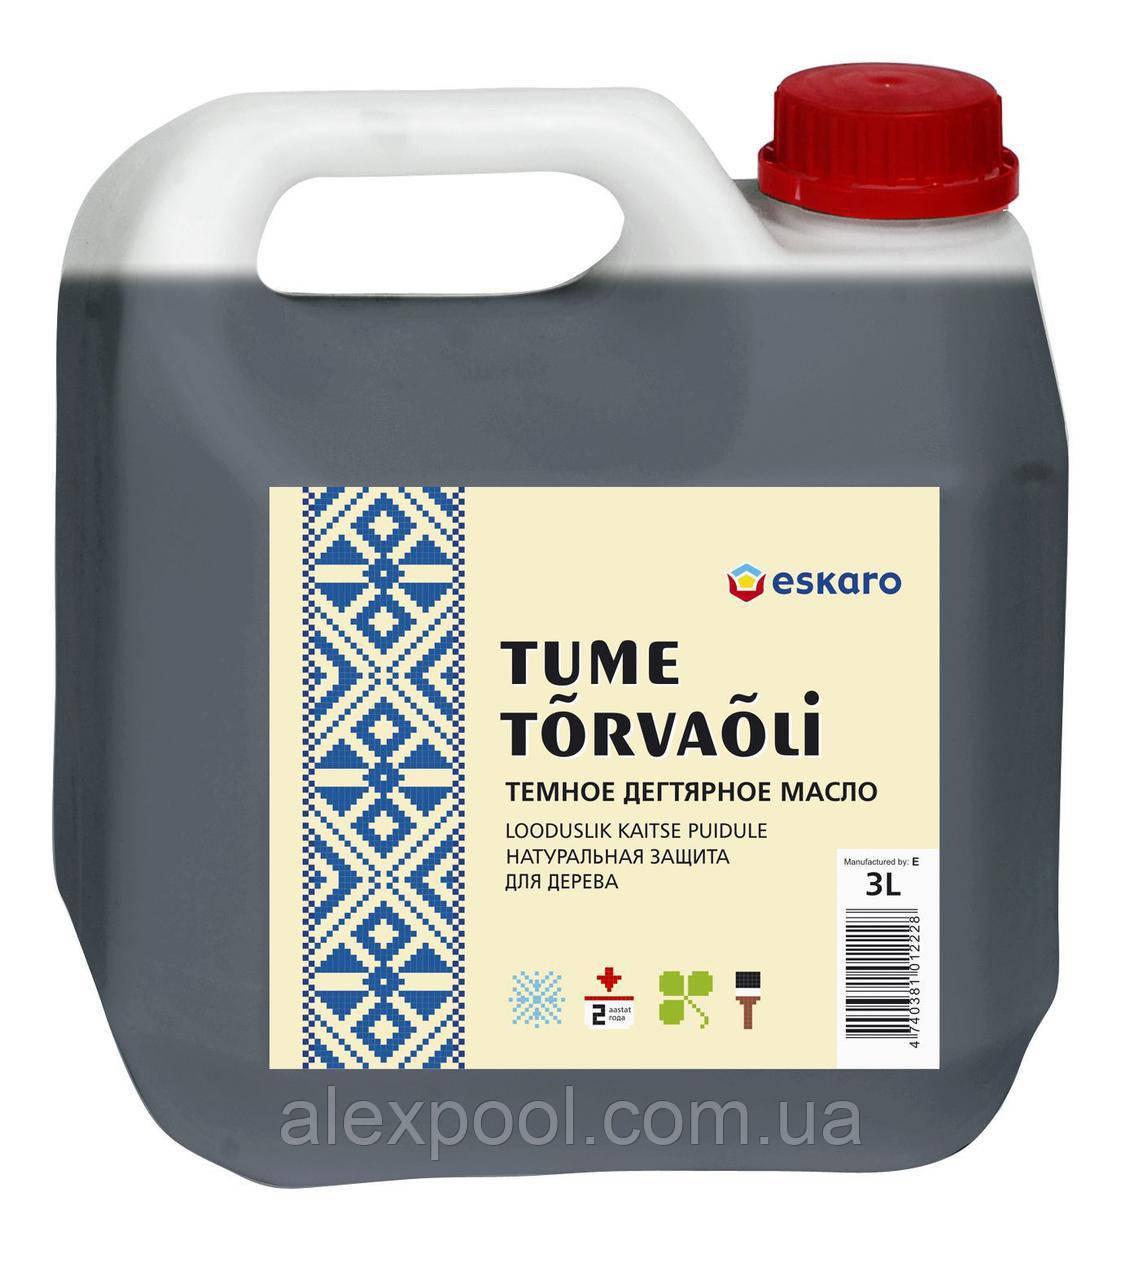 Eskaro Tume Tõrvaõli Темное дегтярное масло 3 л - для срубов, обшивочных досок, теплиц, заборов, бочек